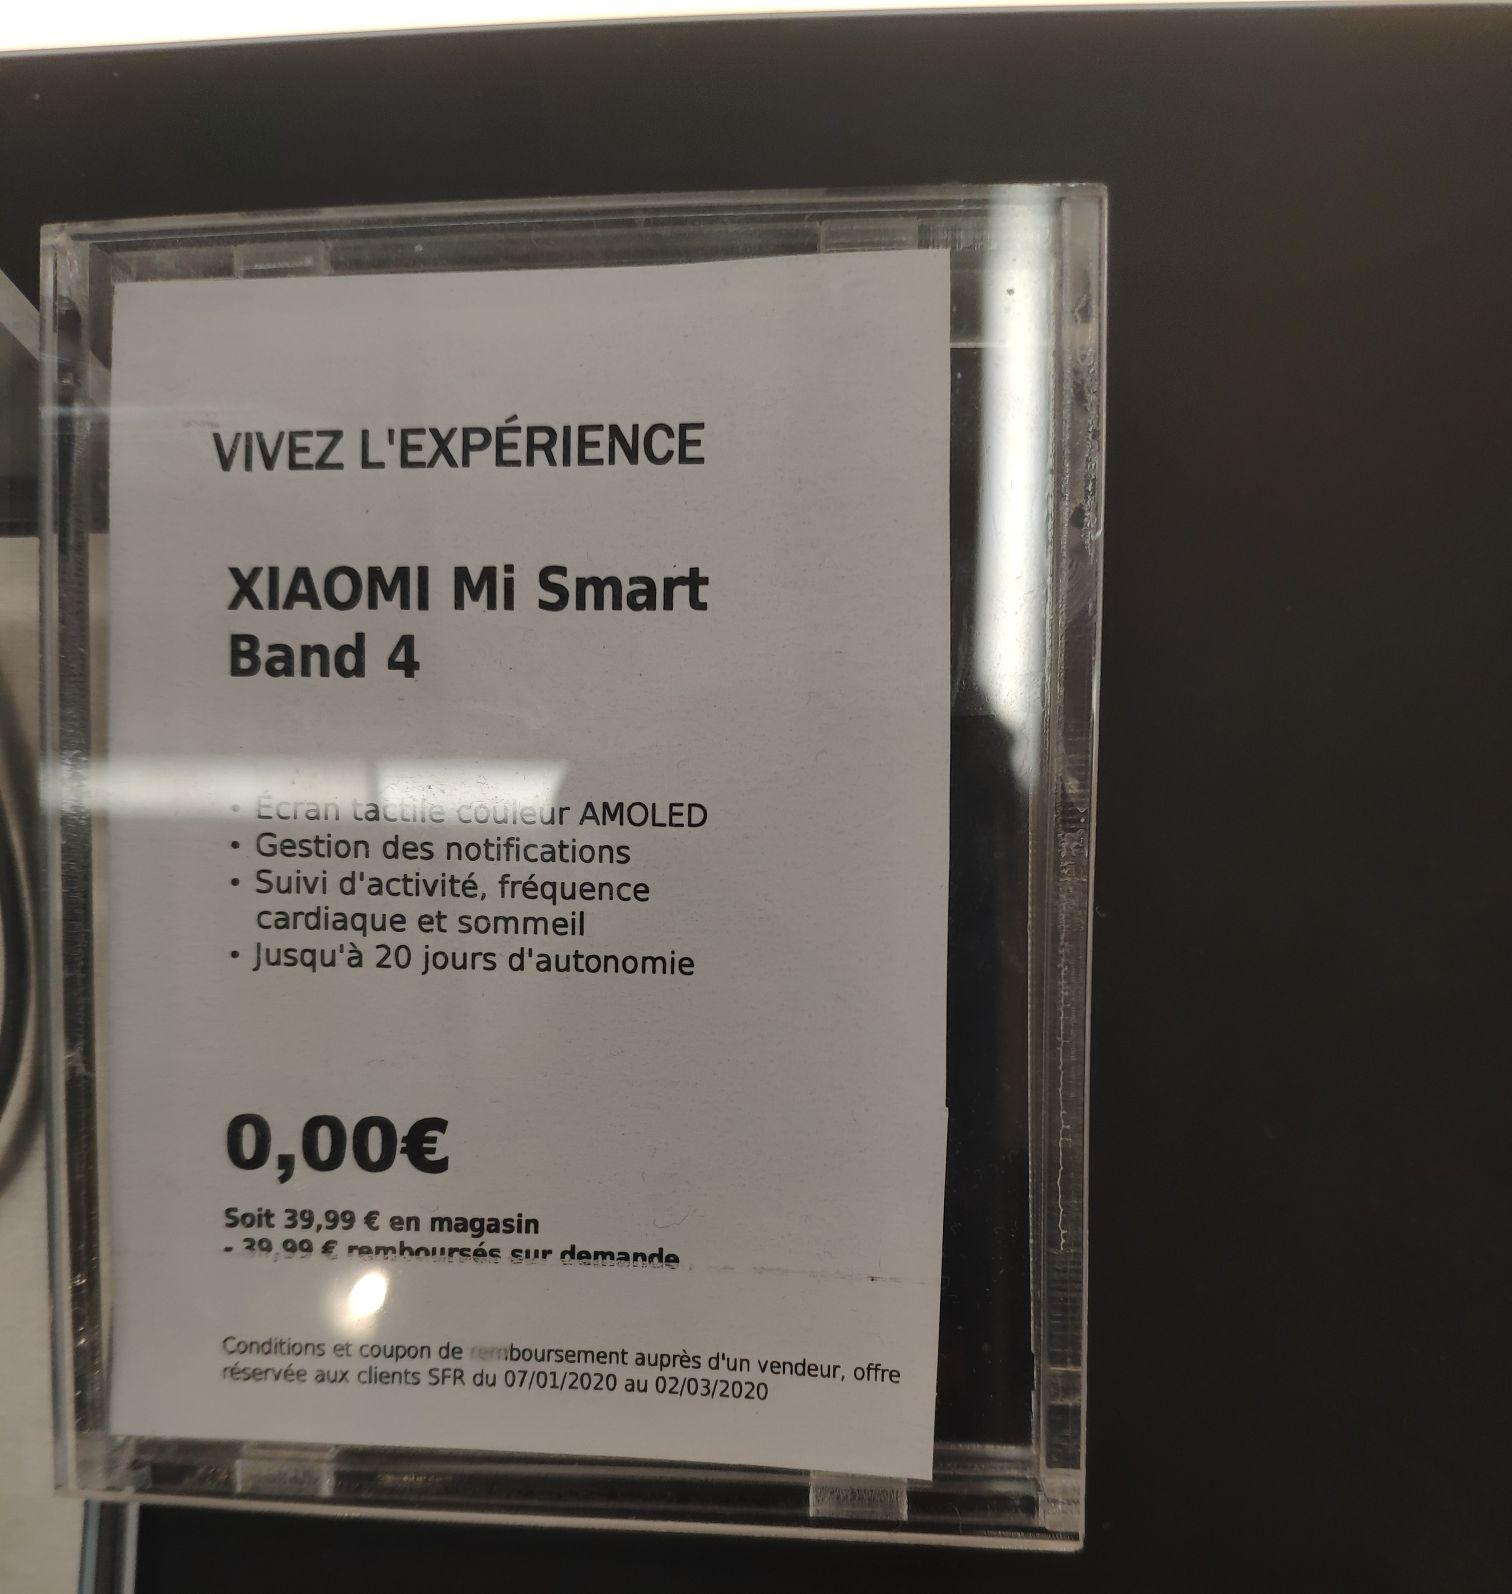 [Client SFR] Bracelet Mi Band 4 offert (via ODR) pour l'achat d'un Xiaomi Mi Note 10 - Argenteuil (95)